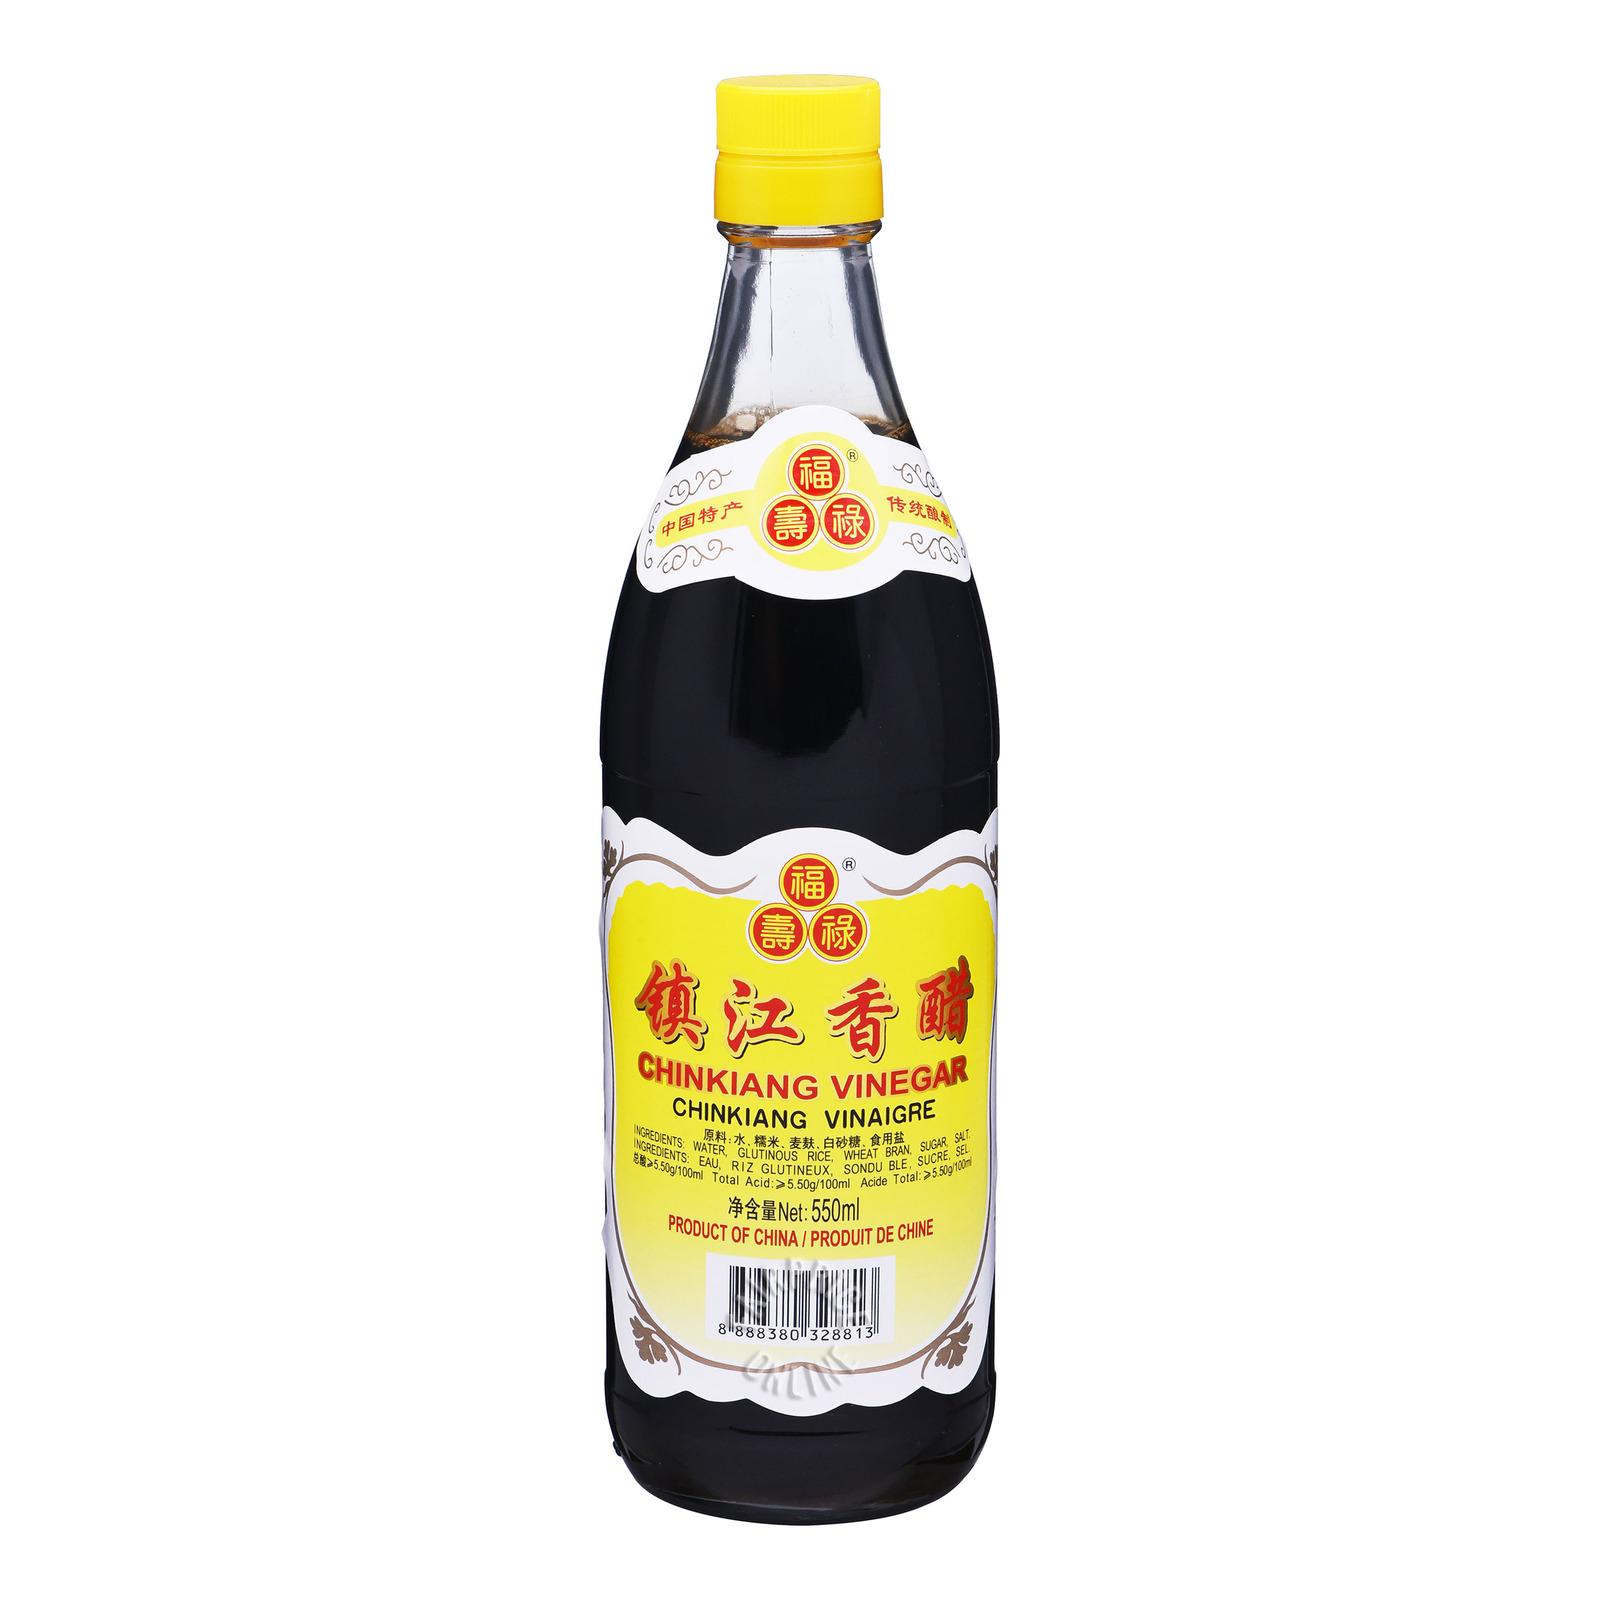 FLS Chinkiang Vinegar